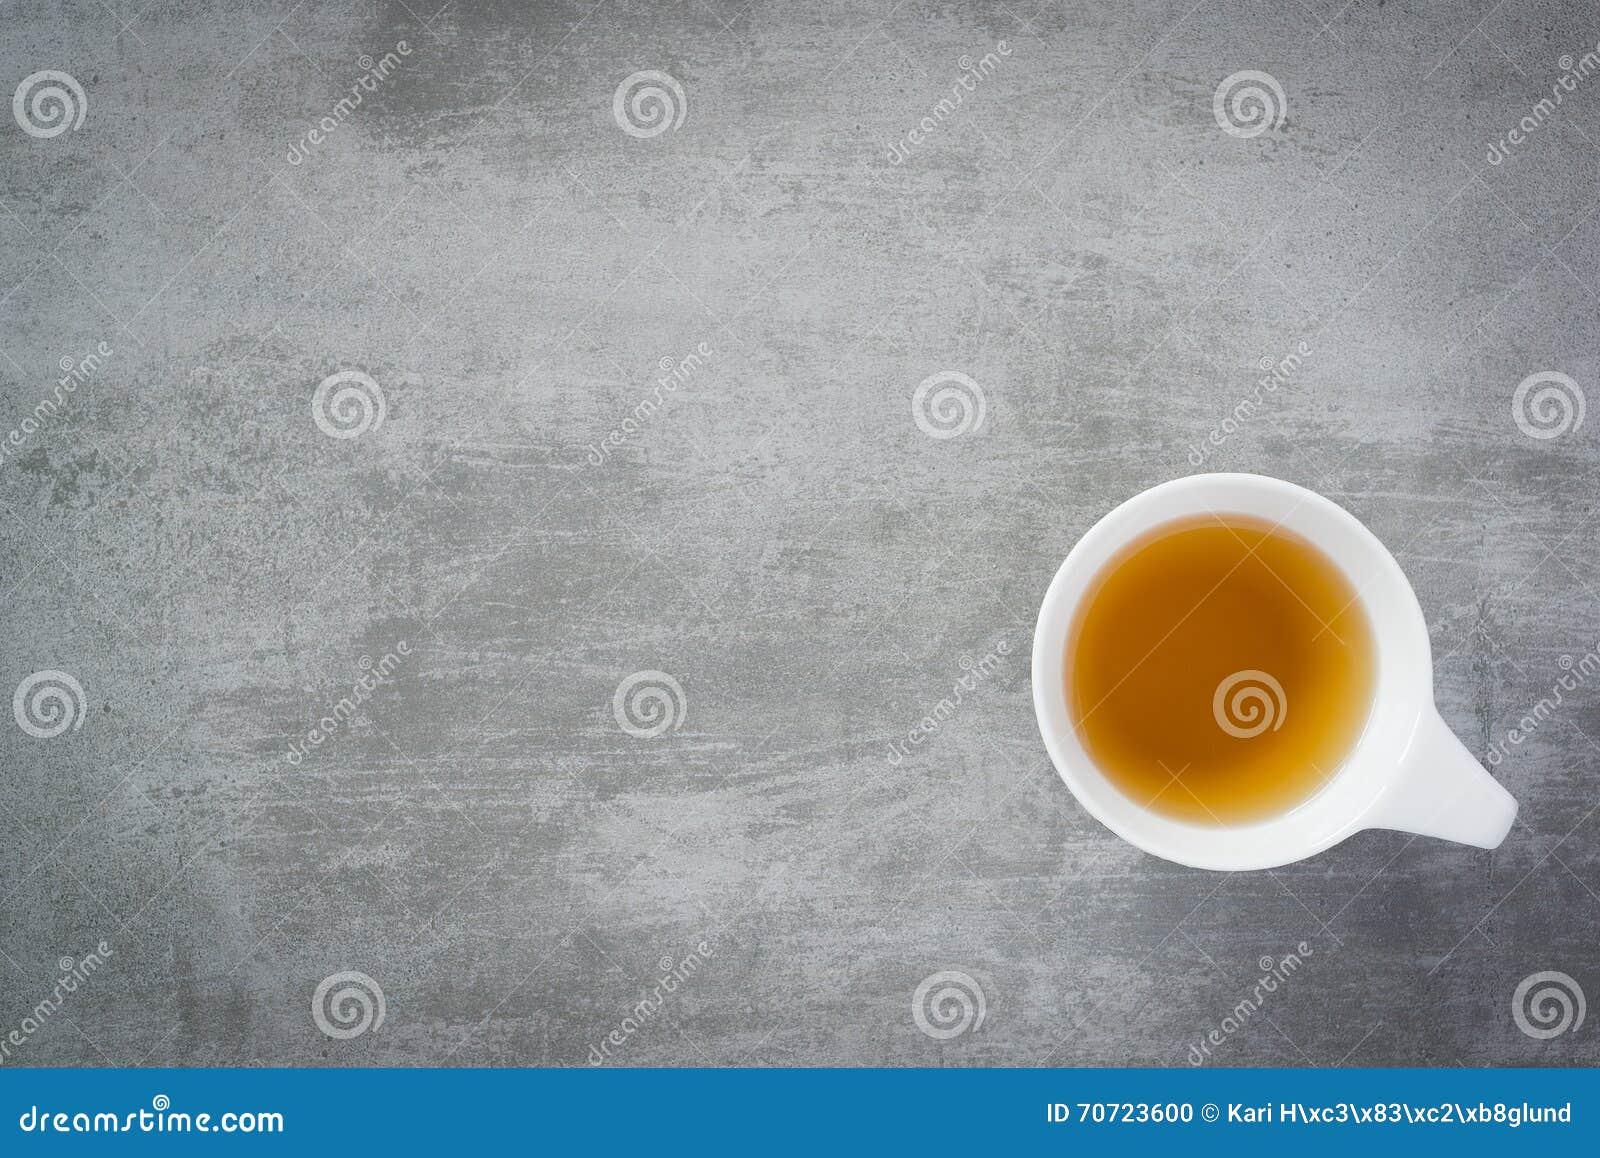 Чашек чаю